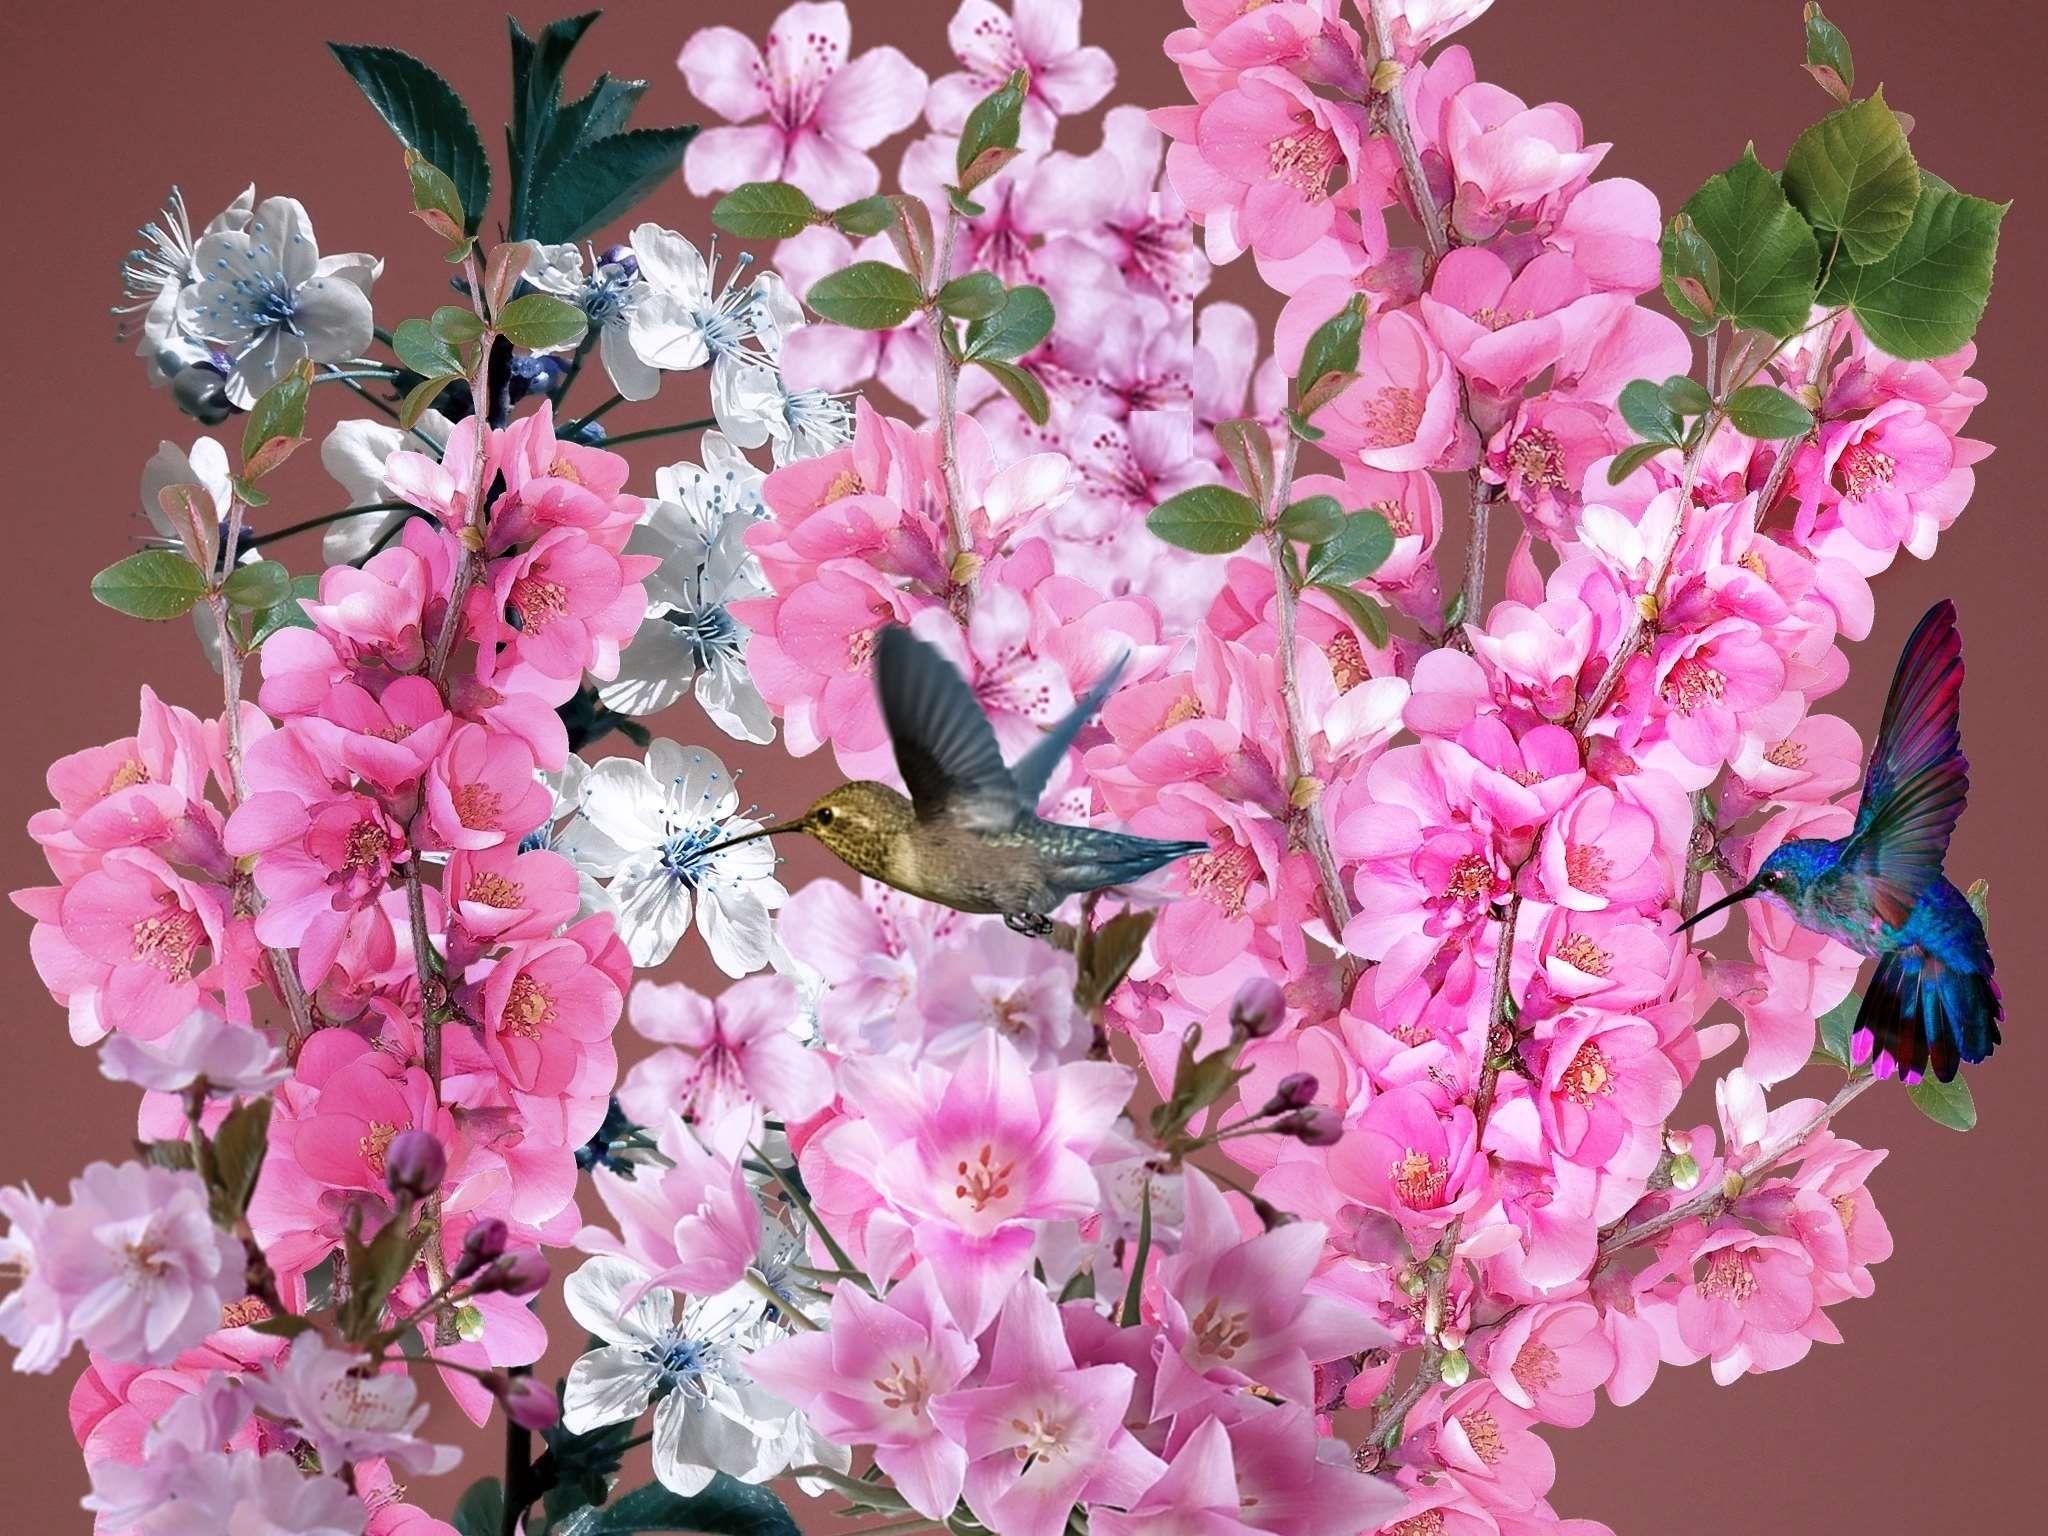 #beija flores #bird #bouquet #colibri #nature #primavera